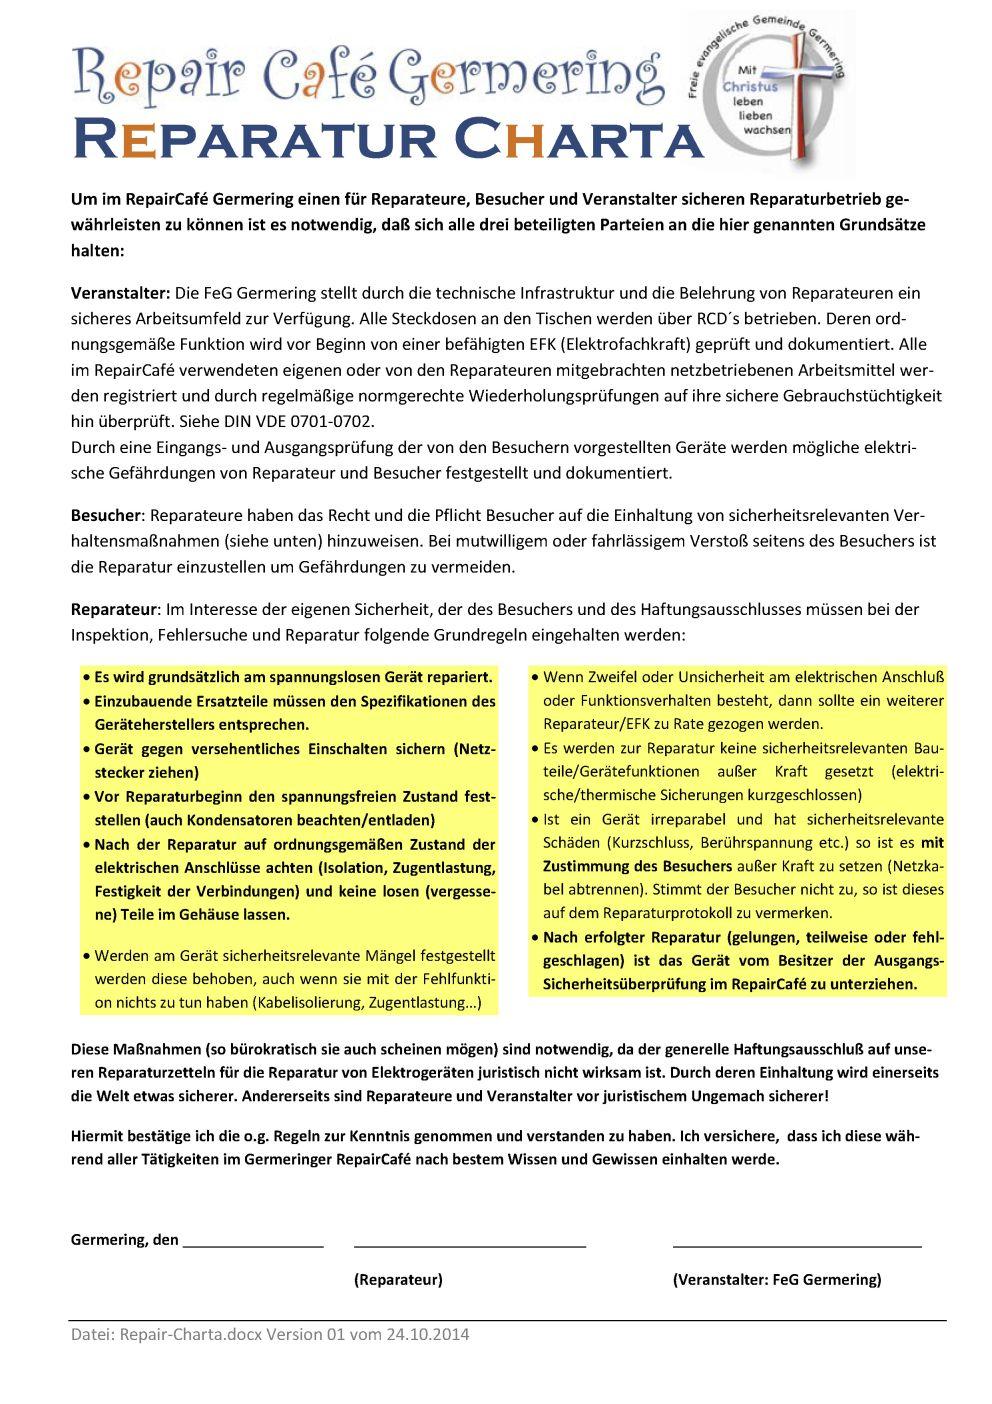 Repair-Charta